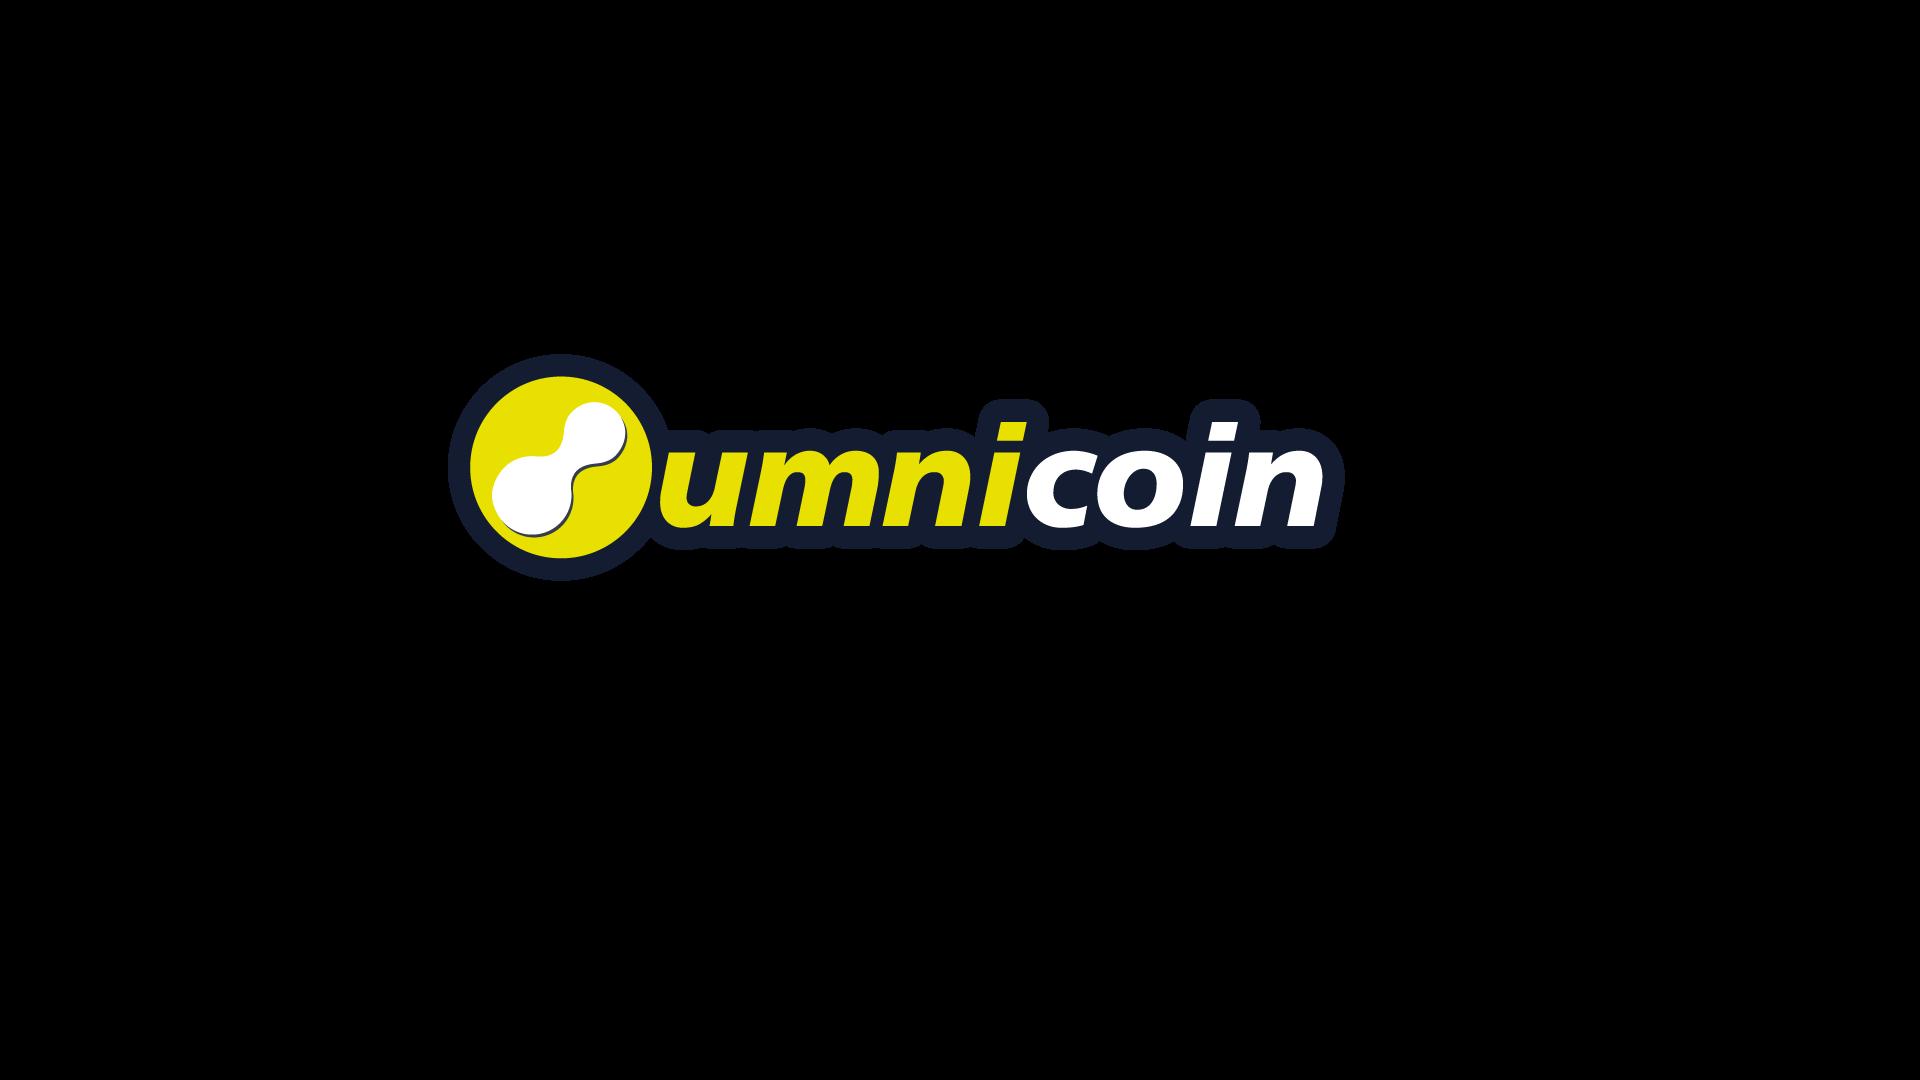 60 ألف دينار إجمالي تبرعات عملاء أمنية عبر برنامج الولاء umnicoin عام 2020